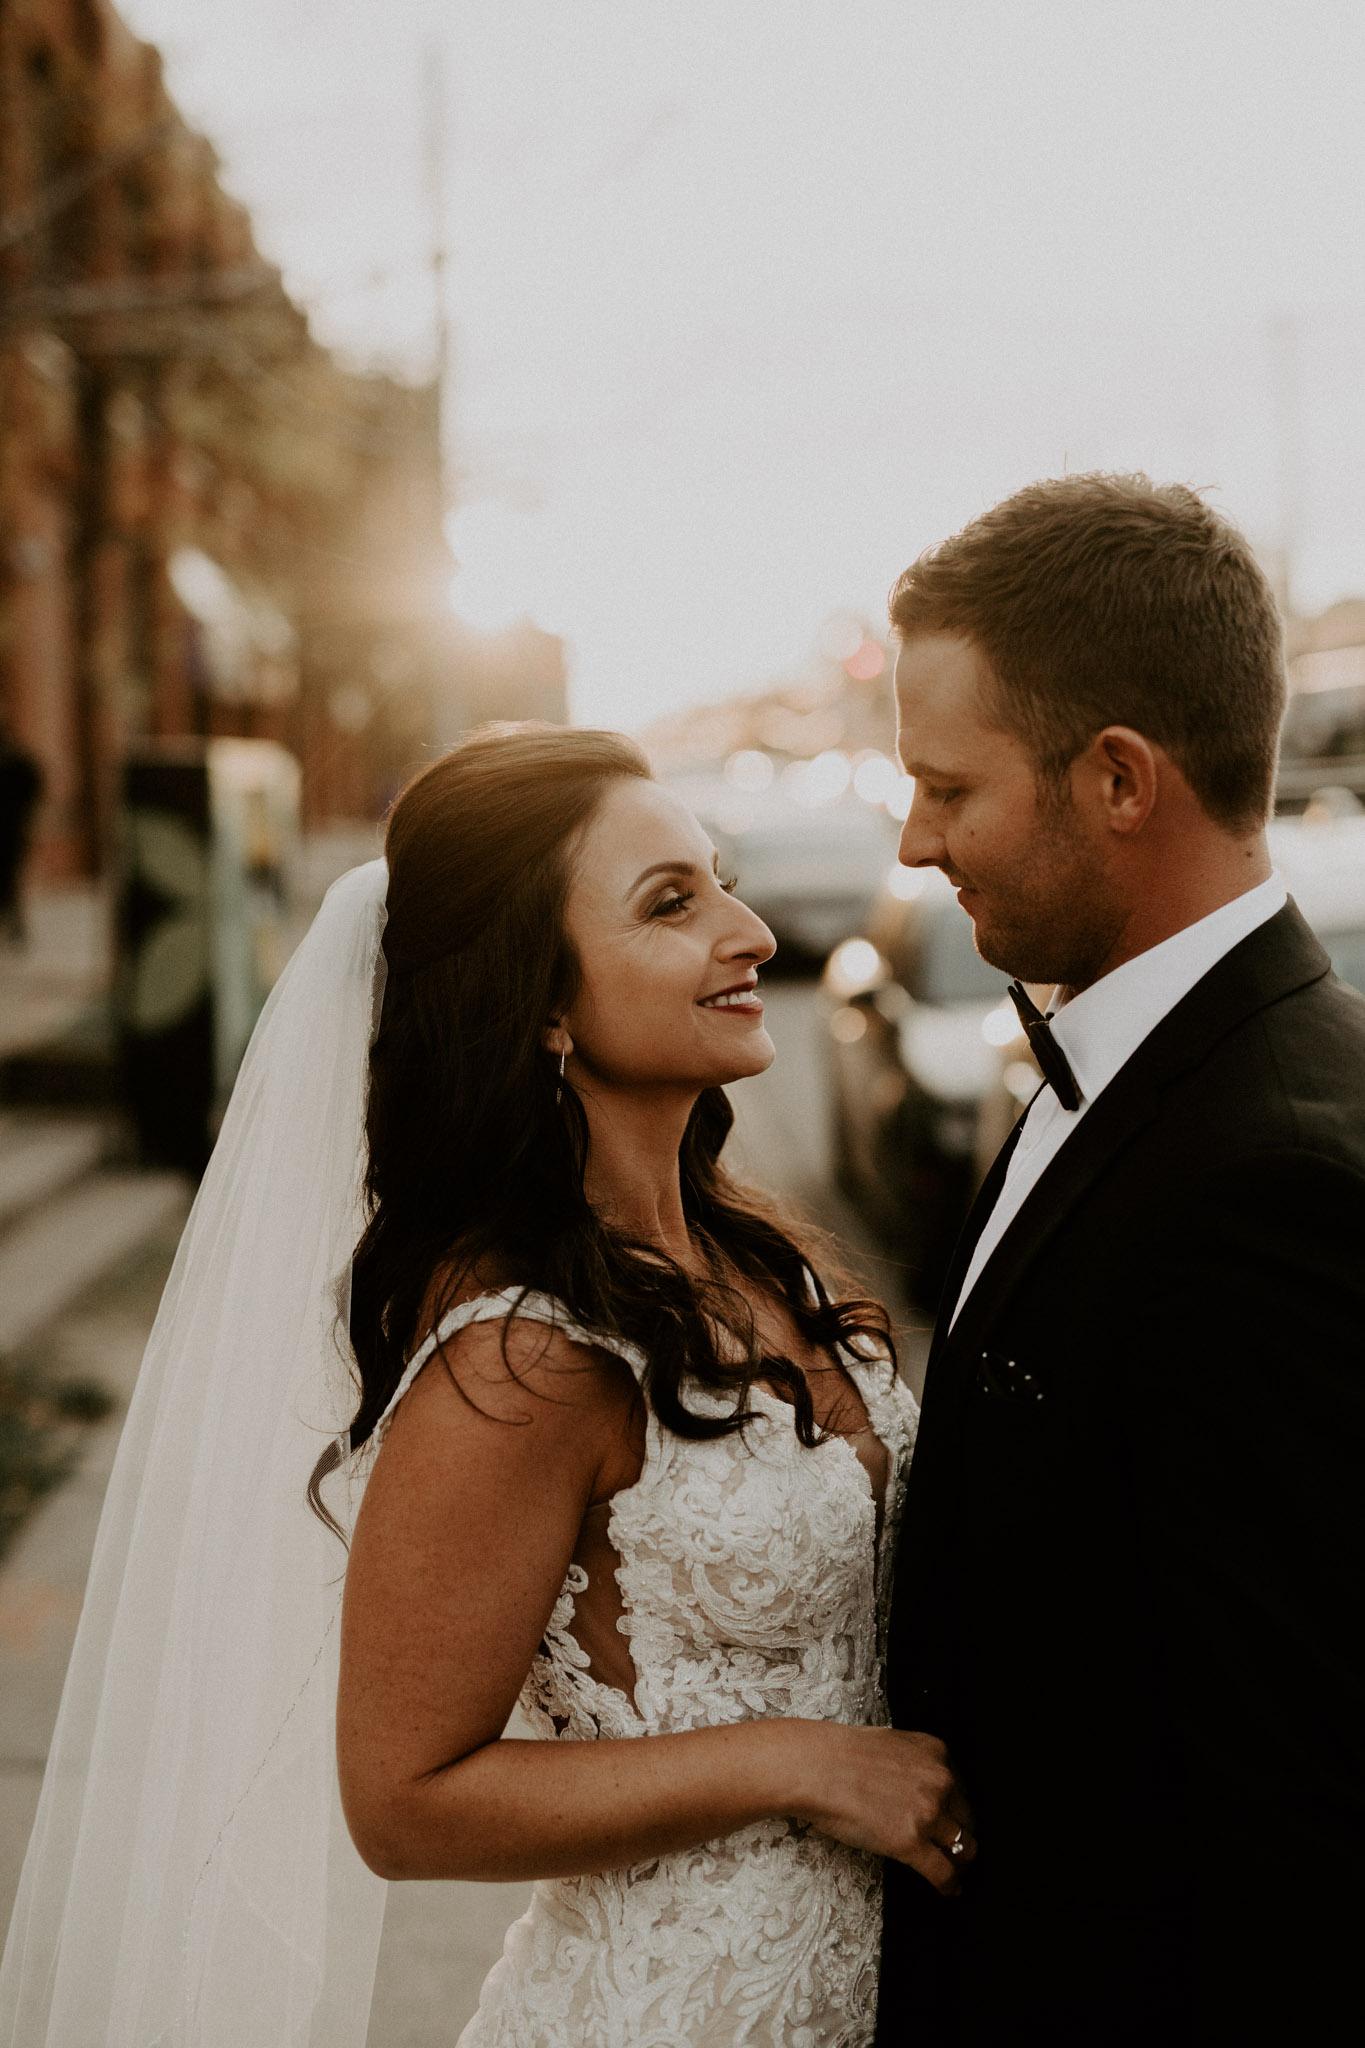 Liberty Village Wedding - Newlyweds back-lit at sunset